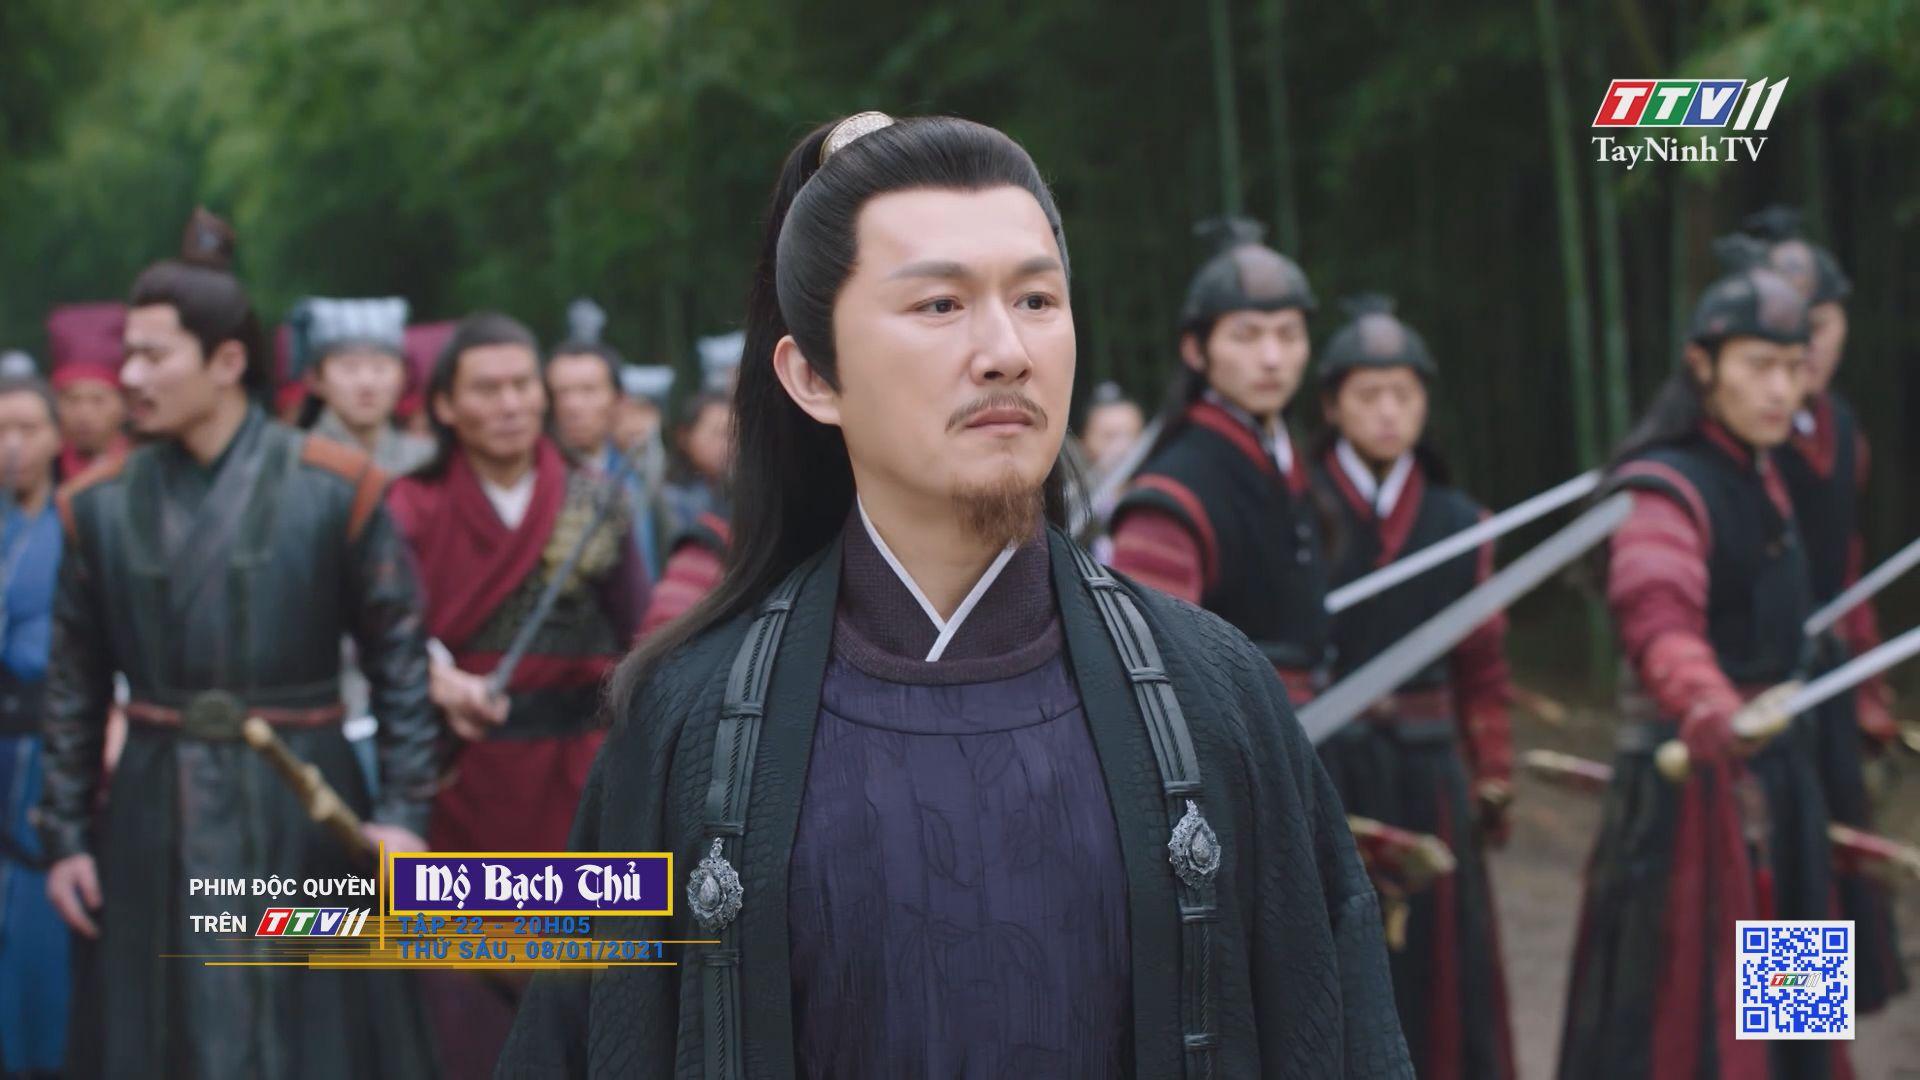 Mộ Bạch Thủ-TẬP 22 trailer | PHIM MỘ BẠCH THỦ | TayNinhTV